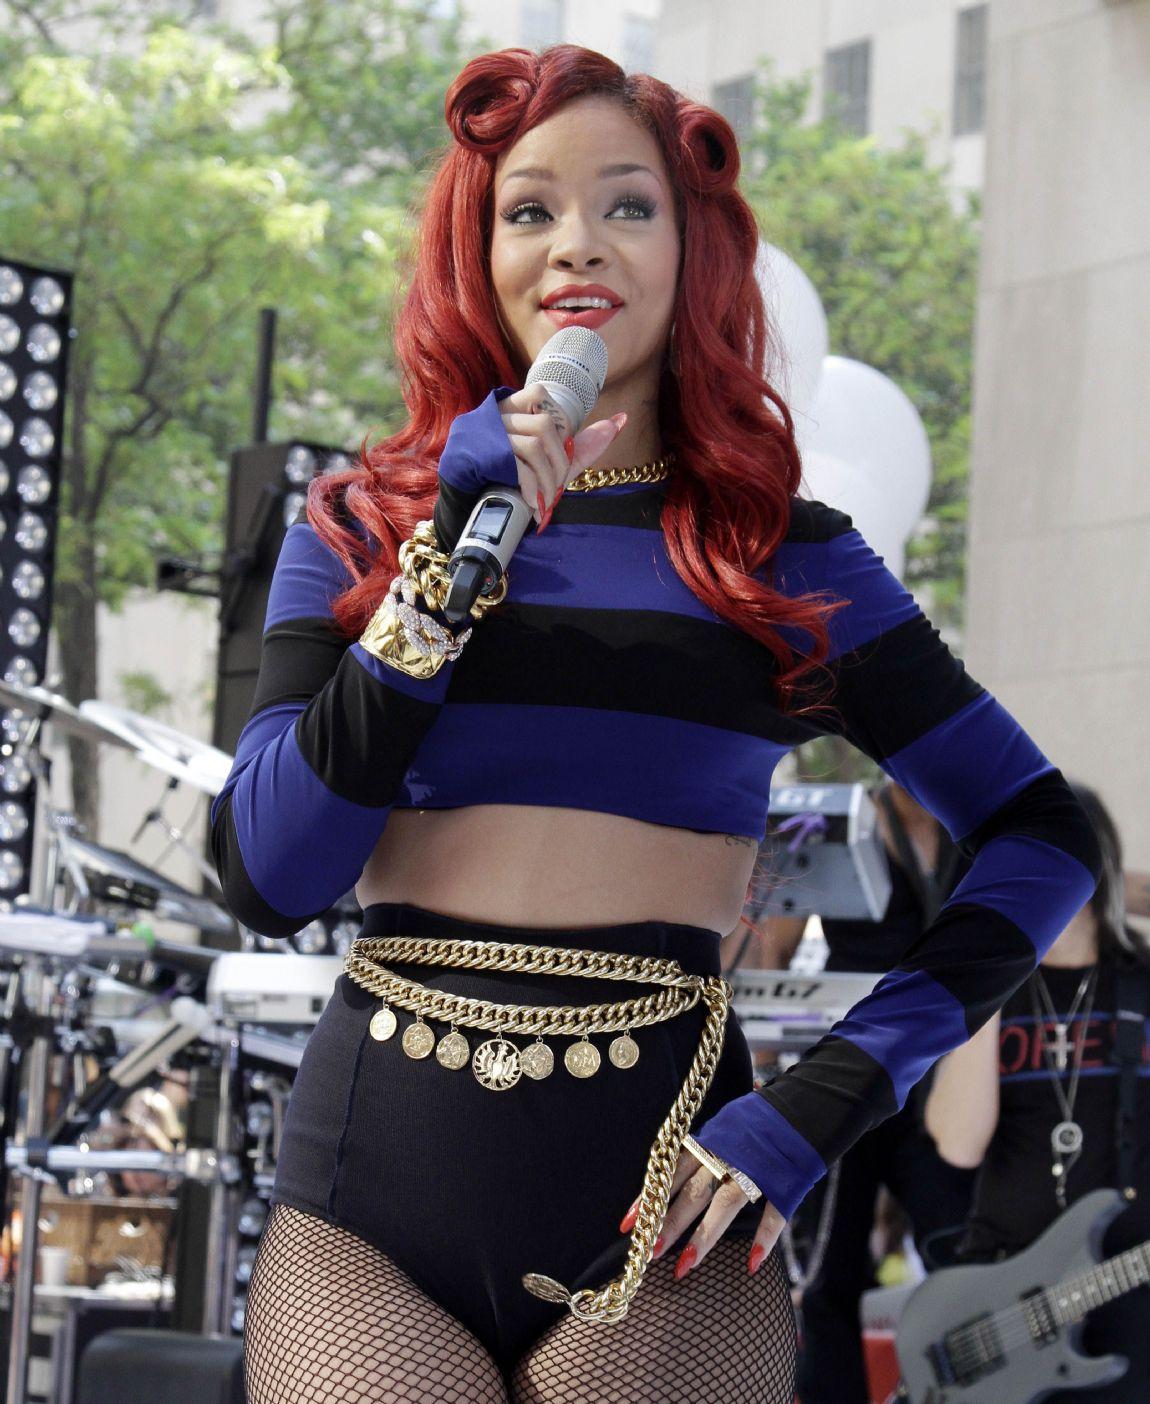 http://3.bp.blogspot.com/-SJh9Zuhn6Ao/TeU4gIg-AcI/AAAAAAAAKaY/YtIos0bqu2Q/s1600/Singer+Rihanna+performs+on+NBC%25E2%2580%2599s+%25E2%2580%259CToday%25E2%2580%259D+in+Rockefeller+Plaza+%25281%2529.jpg